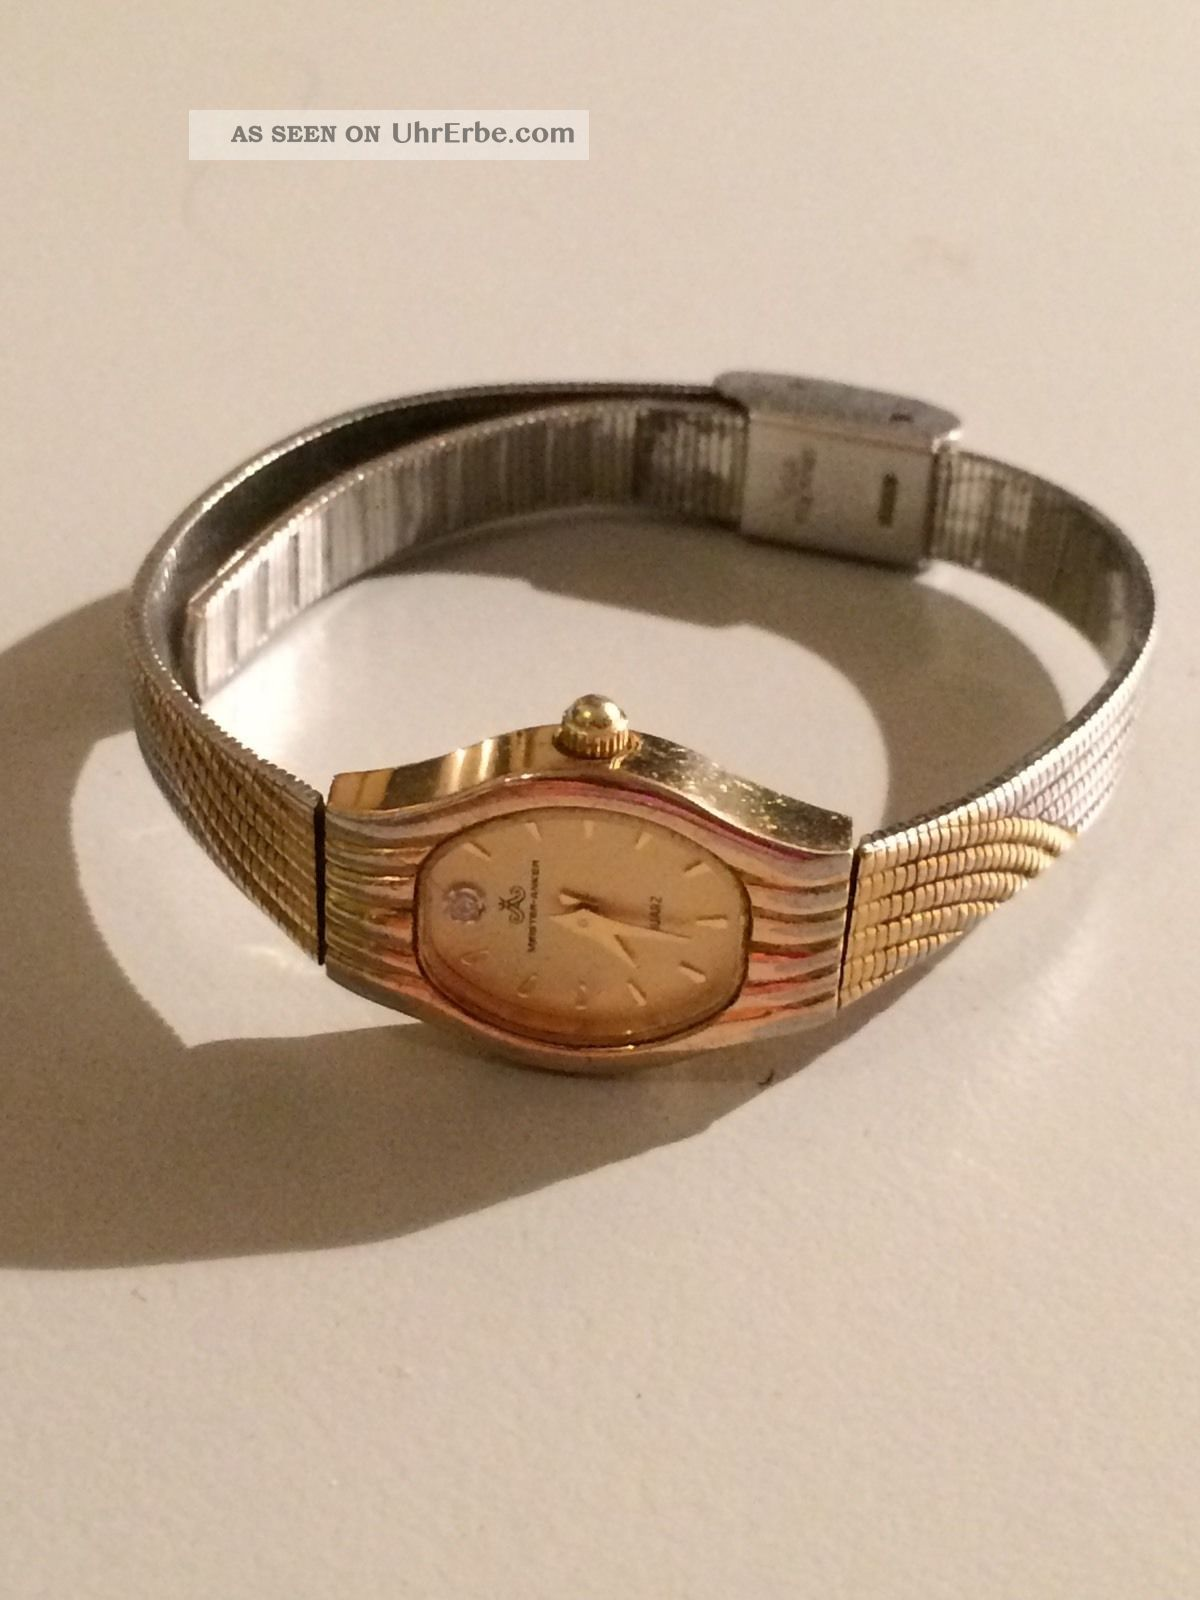 Meister - Anker - Damenuhr - Mit Stein Armbanduhren Bild